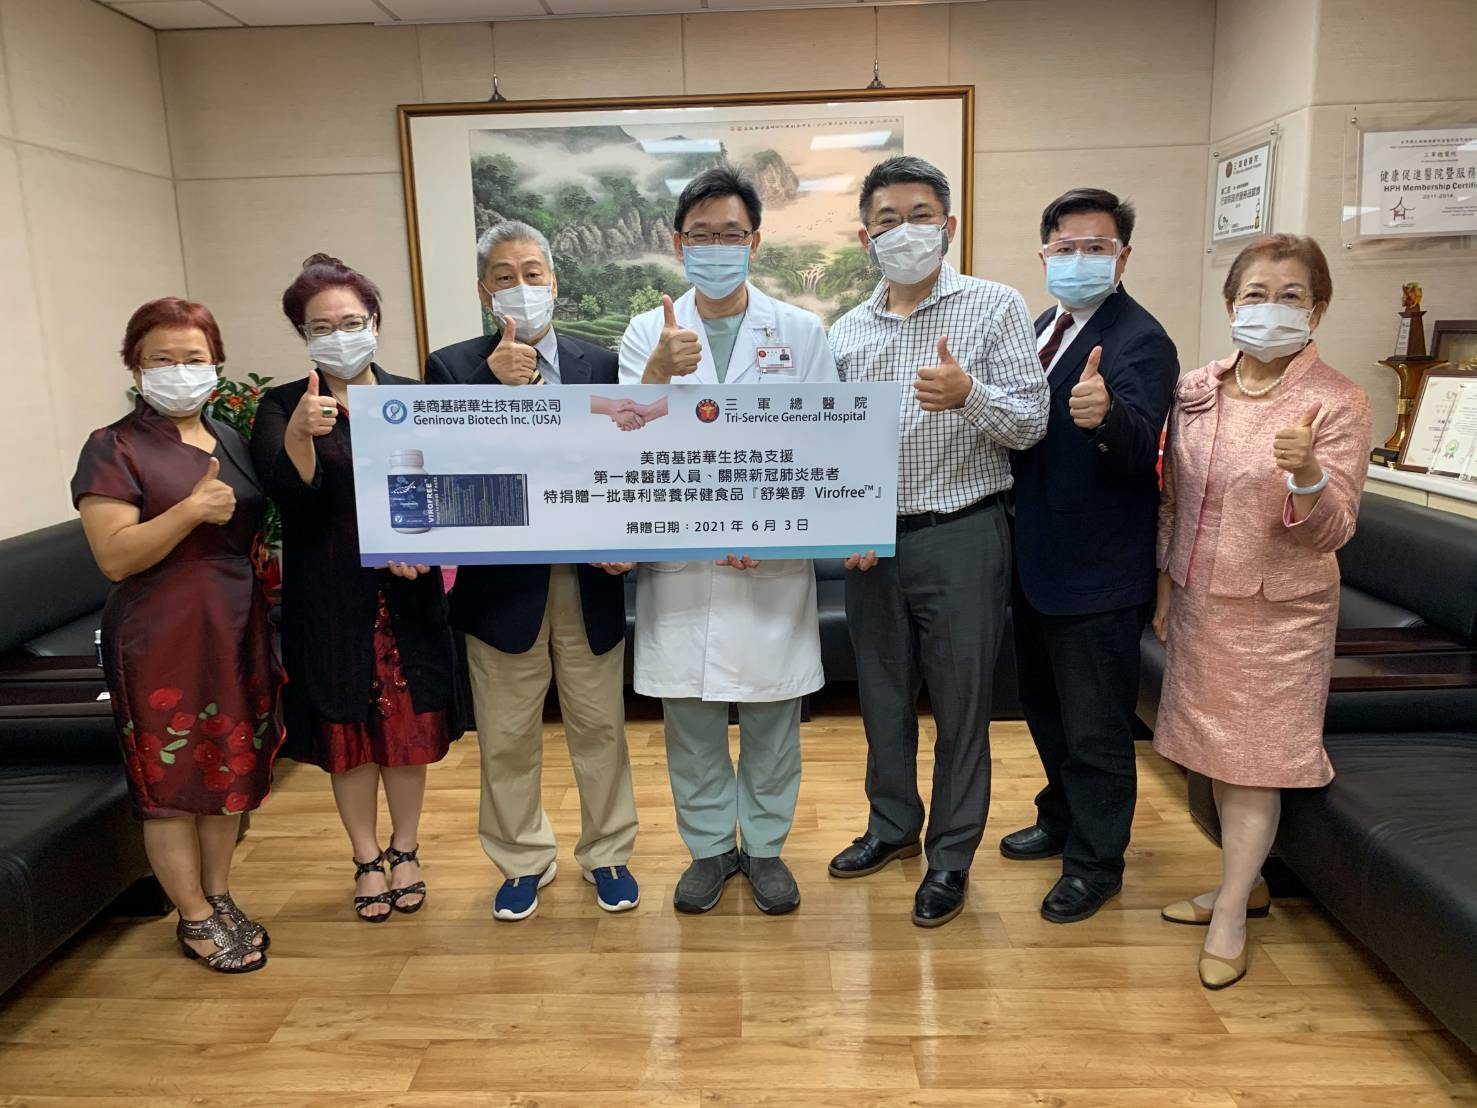 三總感謝基諾華生技齊心抗疫 捐贈功能性保健品 - 台北郵報   The Taipei Post